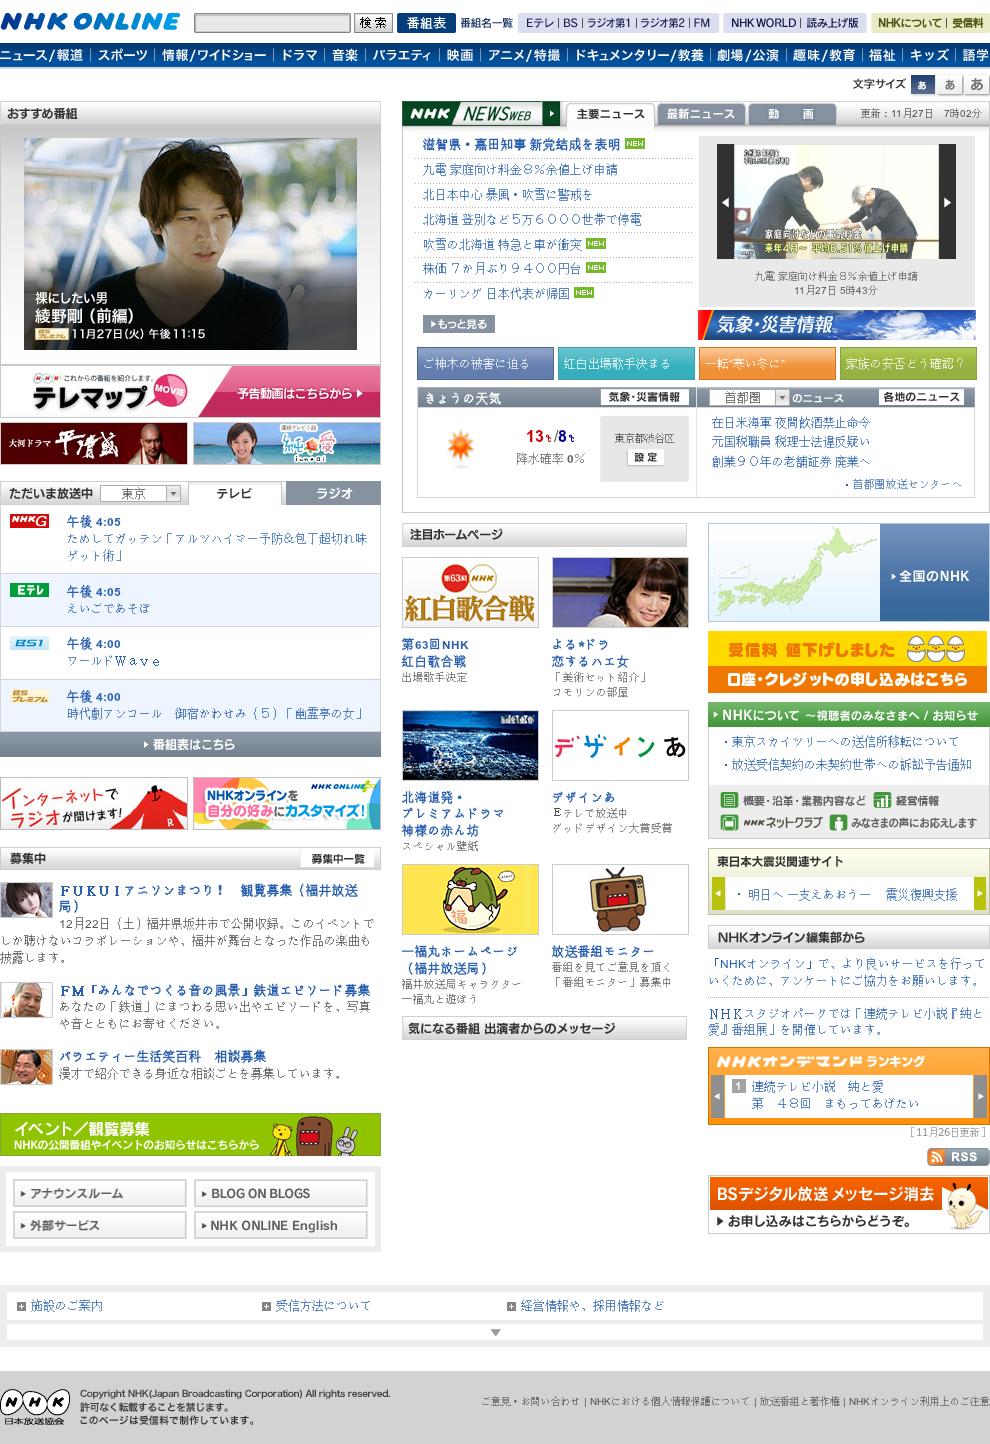 NHK Online at Tuesday Nov. 27, 2012, 7:22 a.m. UTC